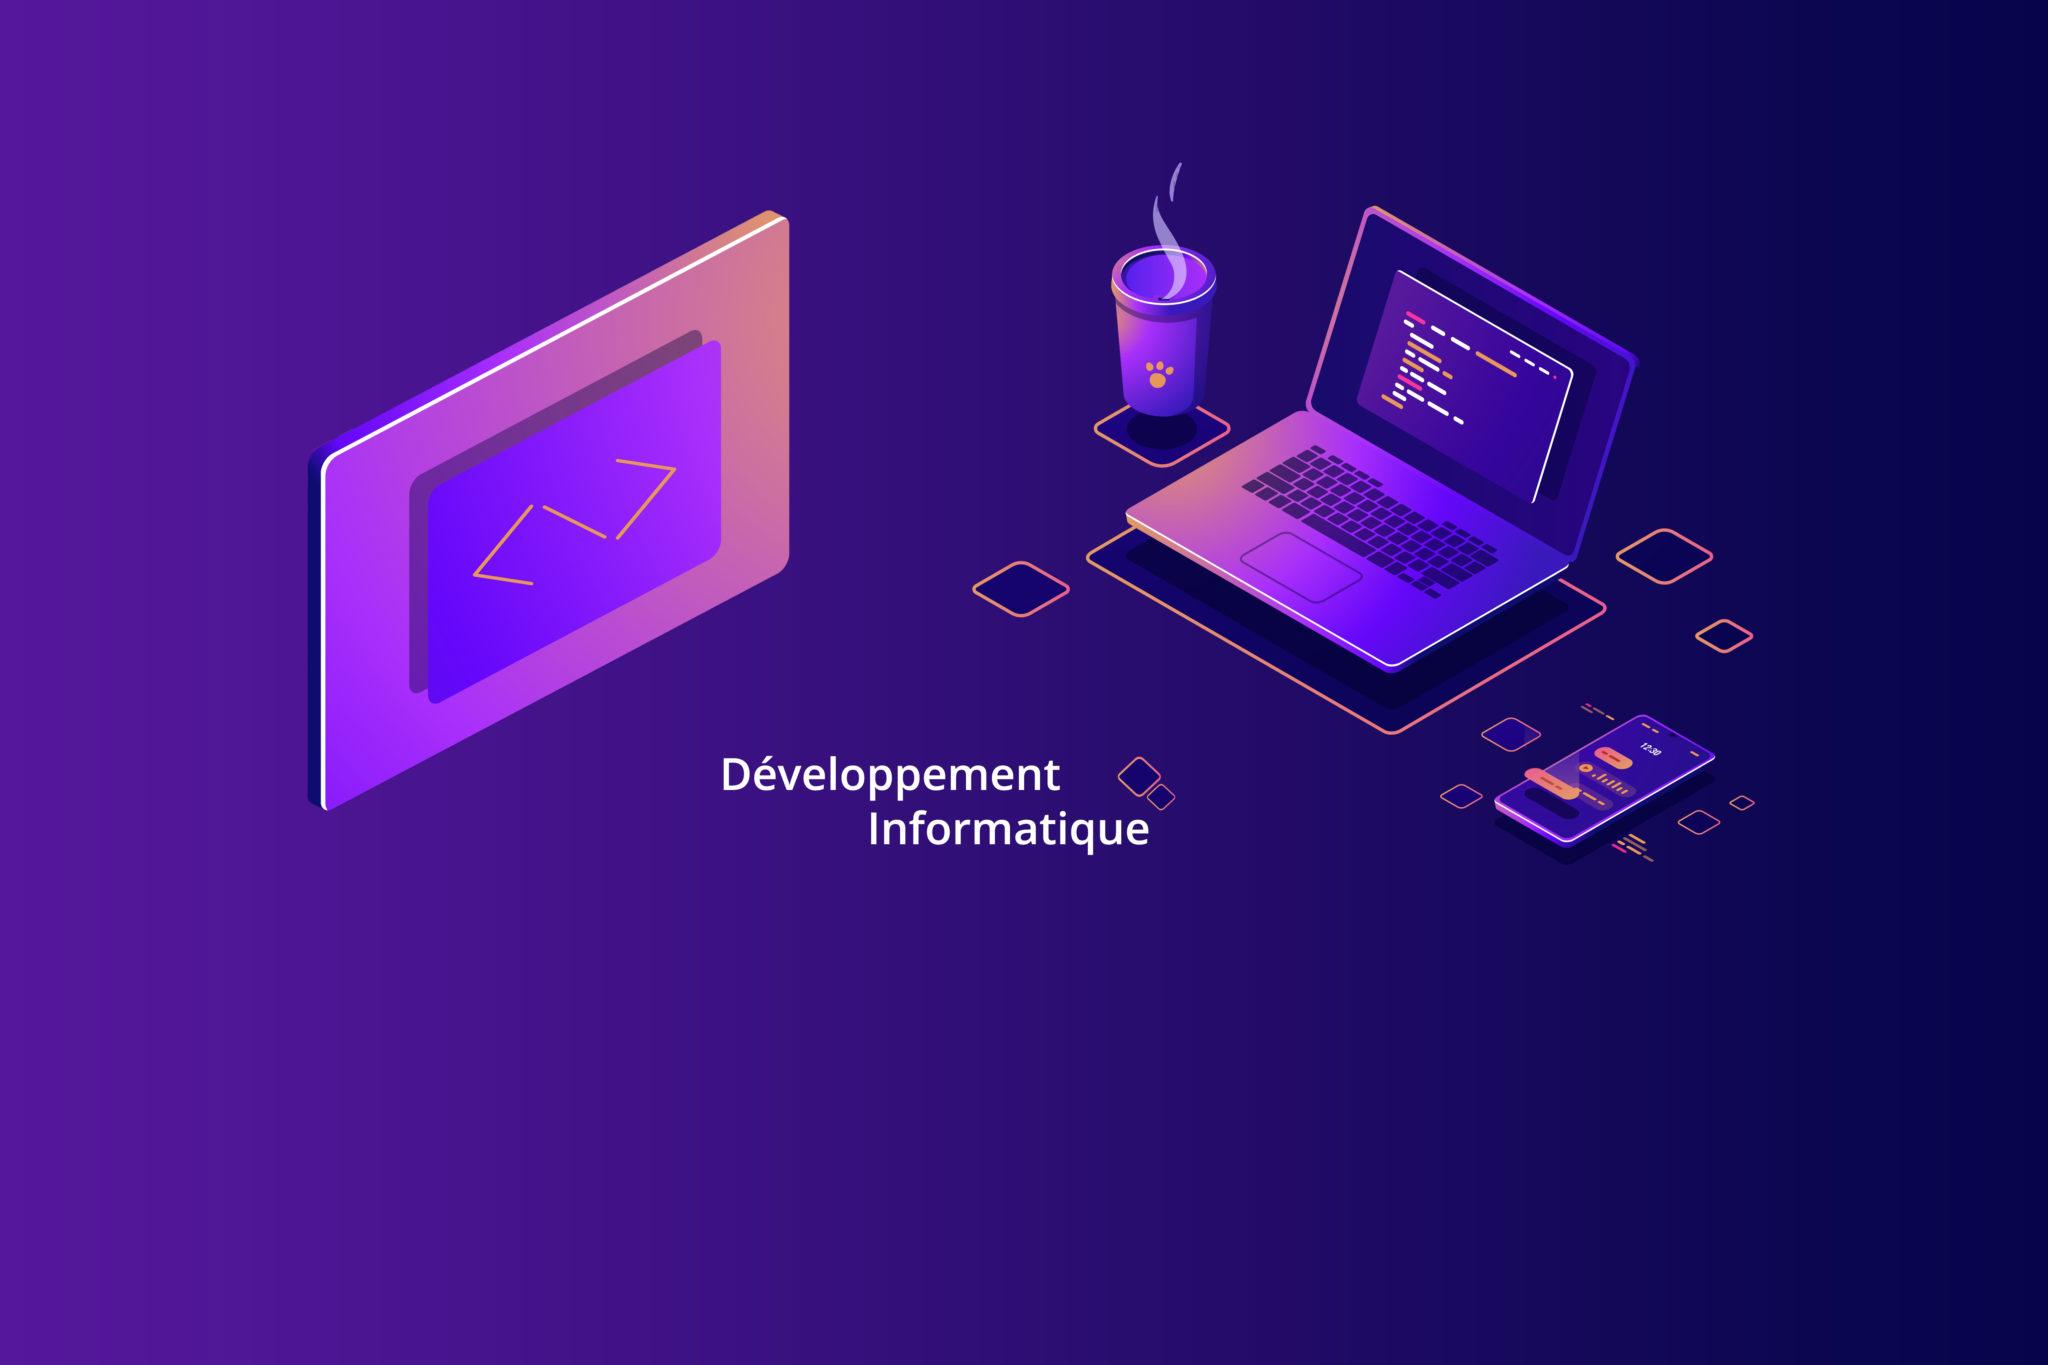 Développement Informatique Capoffshore